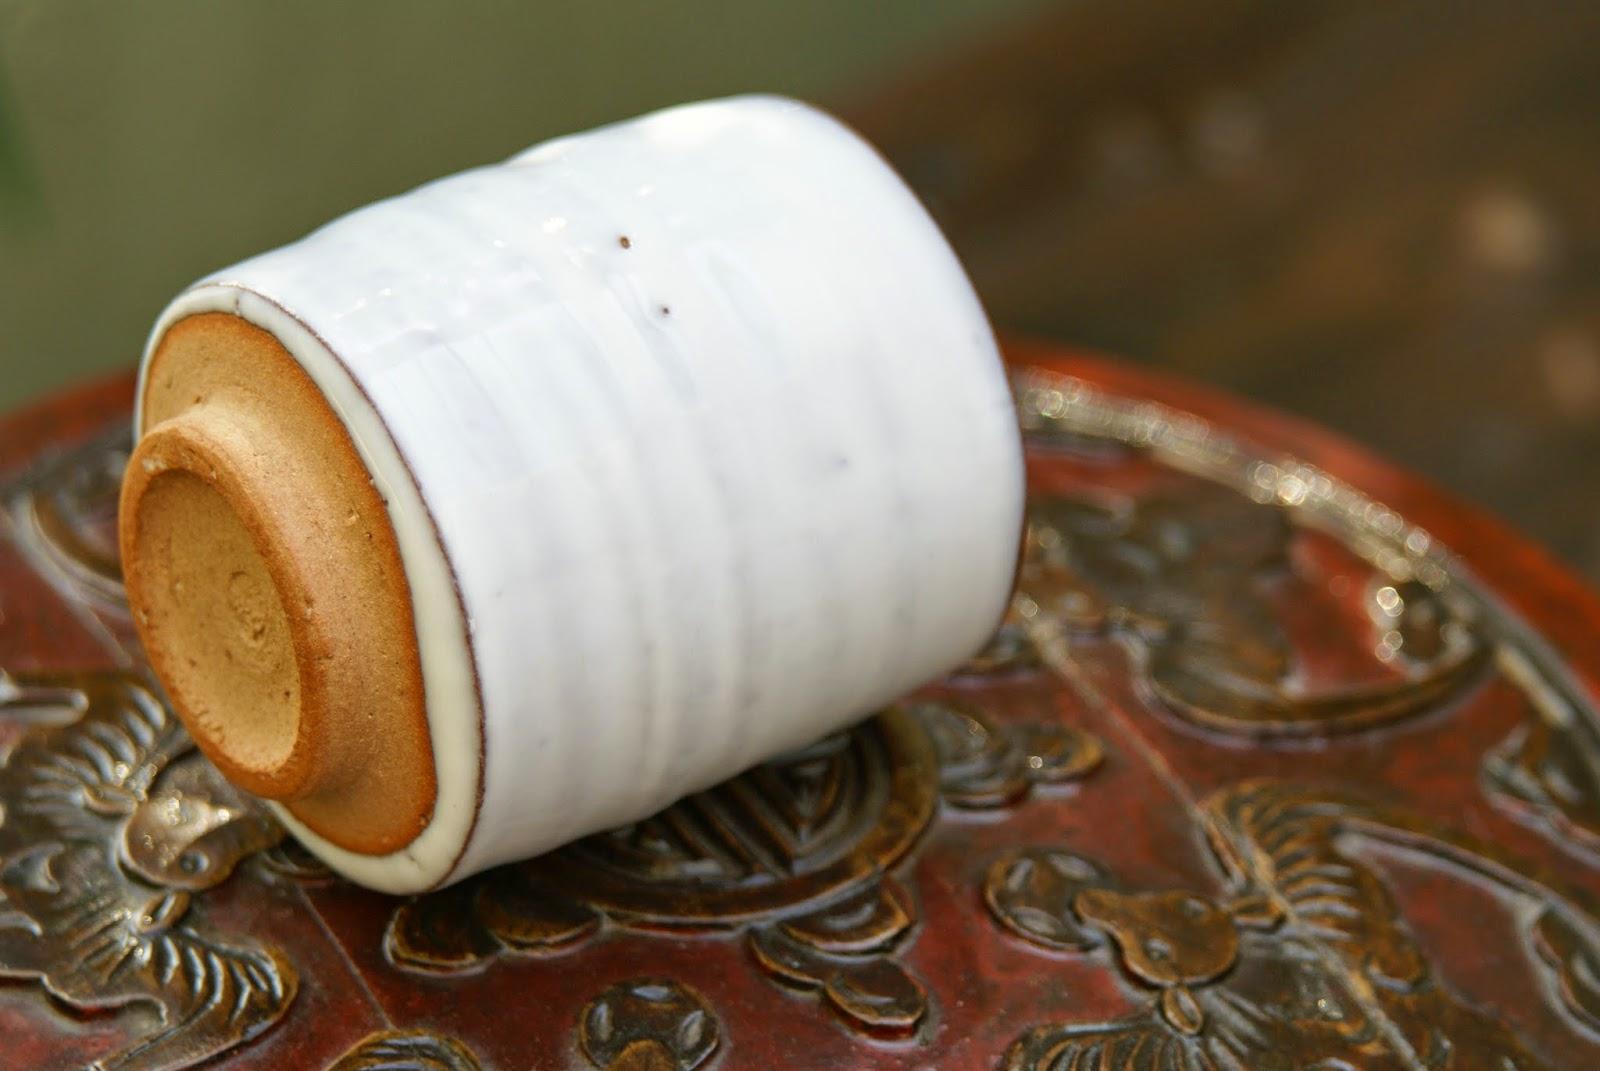 céramique de Hagi ceramic Shibuya Deishi